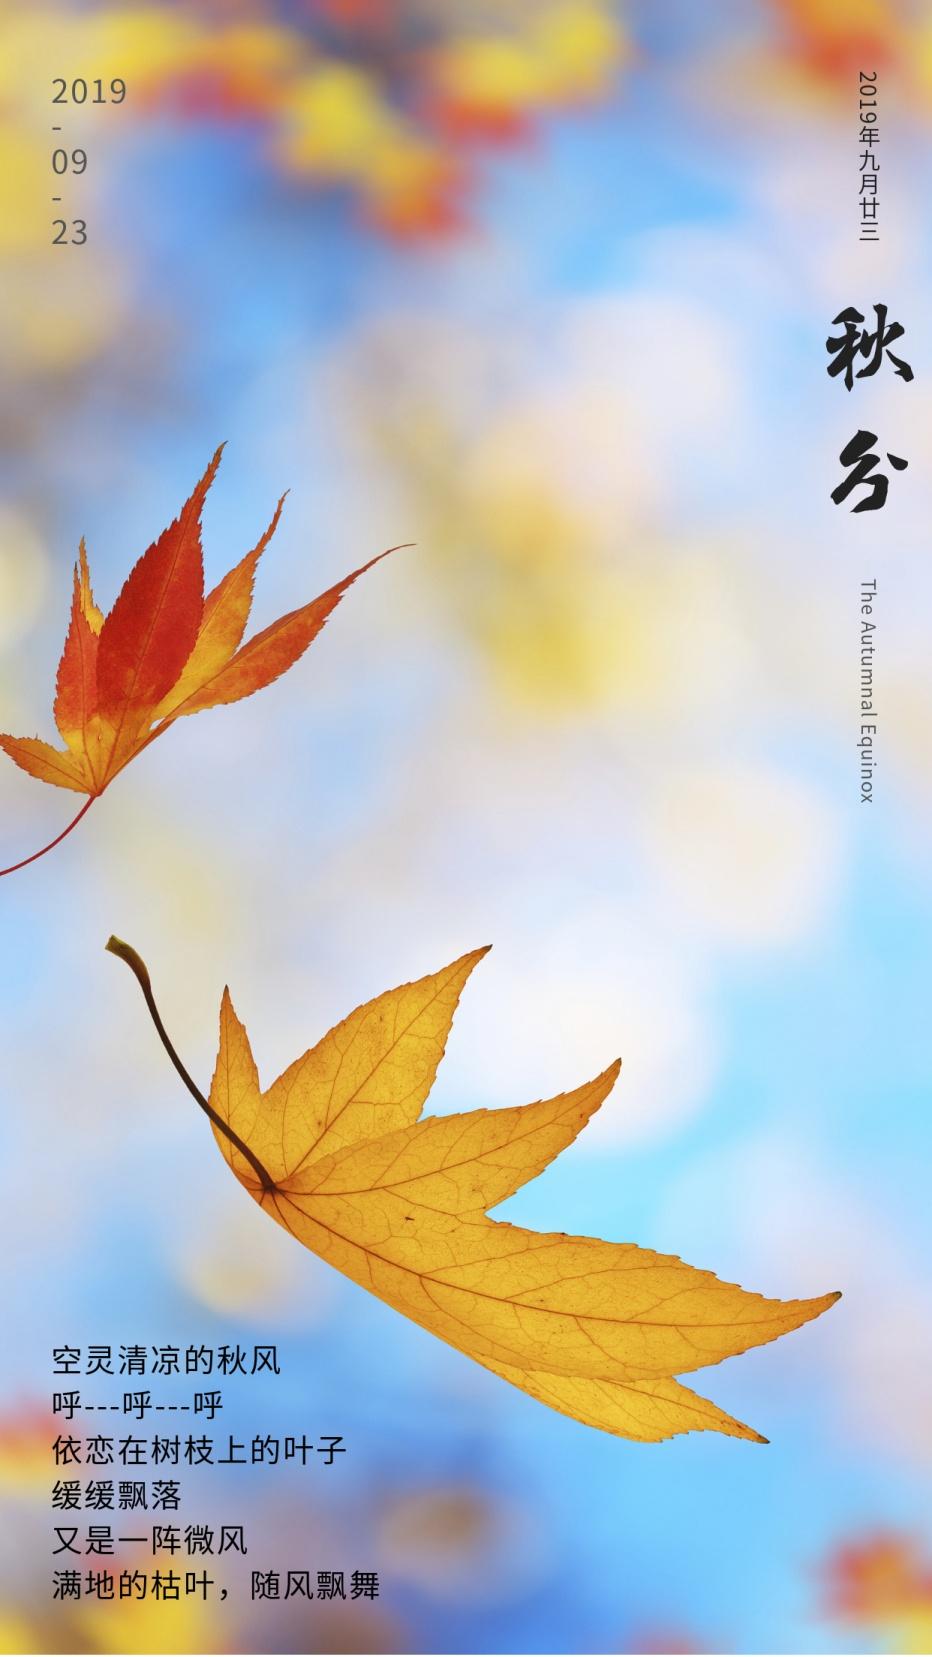 秋分节日节气唯美小清新树叶手机海报